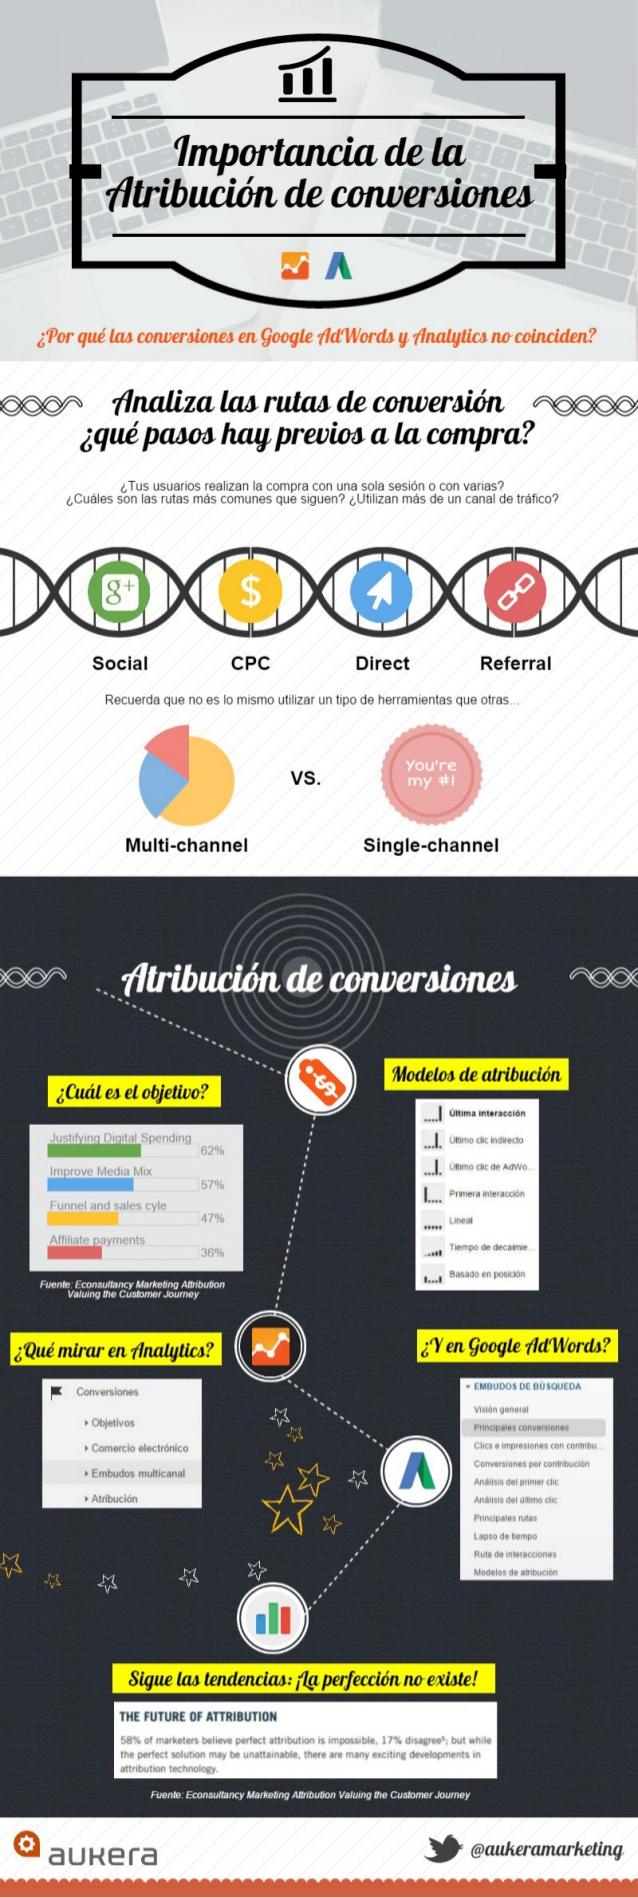 La importancia de la Atribución de conversiones (Adwords vs Analytics)